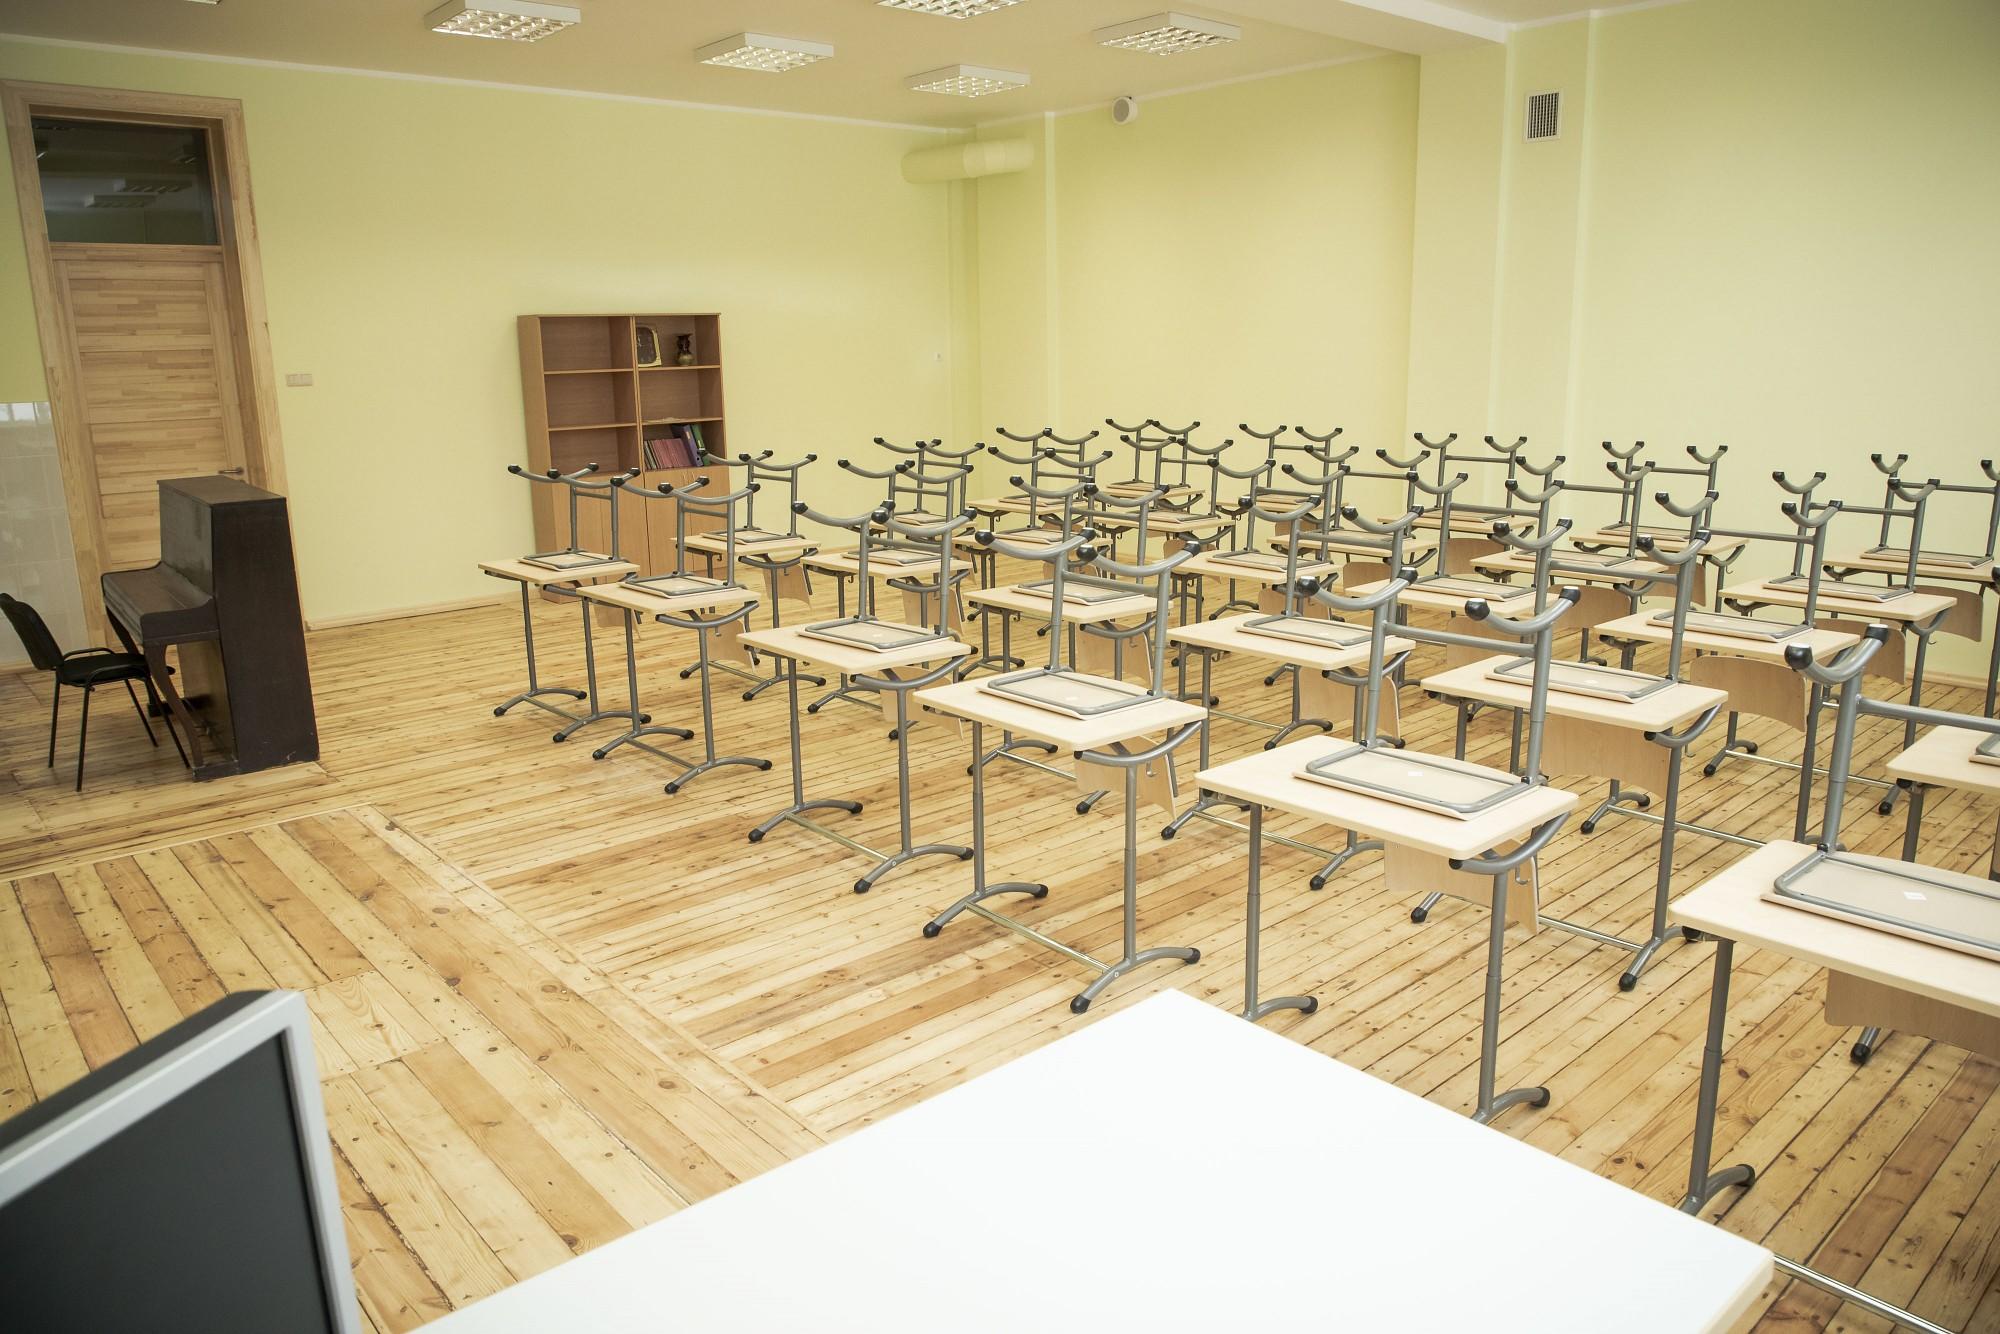 Skolu tīkla sakārtošanai IZM piedāvā četrus reģionu blokus ar dažādiem minimālā skolēnu skaita kritērijiem